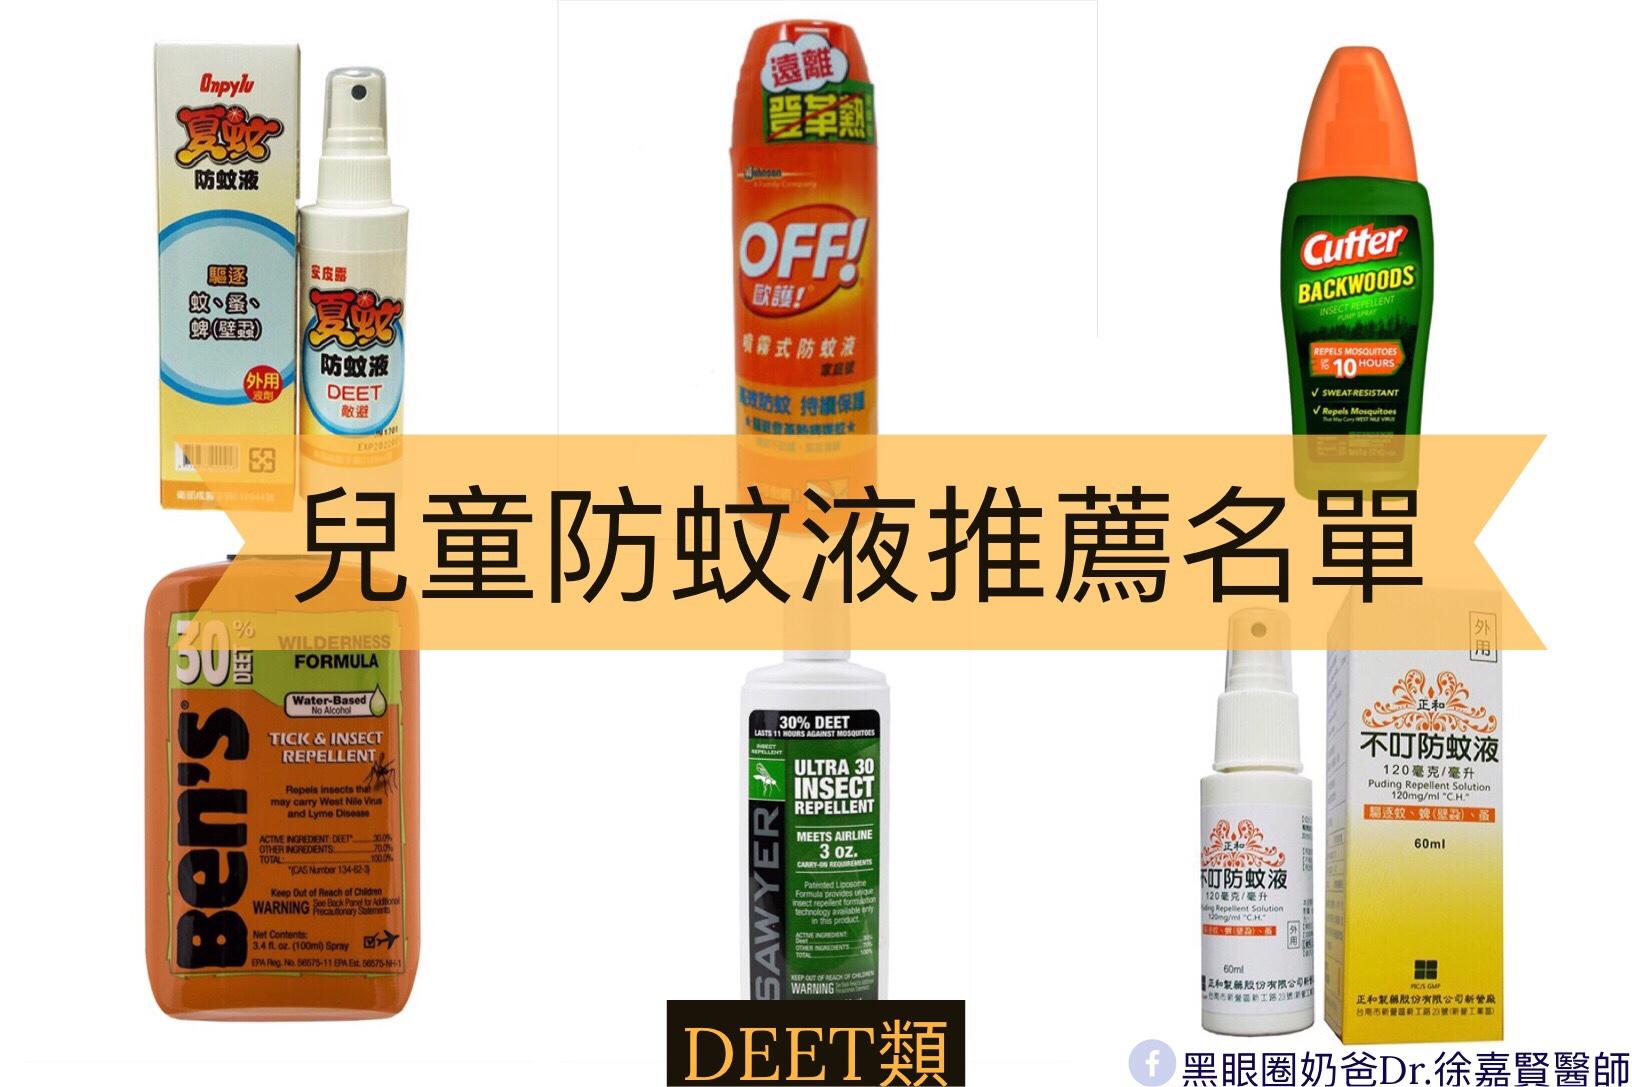 兒童防蚊液推薦名單   黑眼圈奶爸Dr. 徐嘉賢醫師